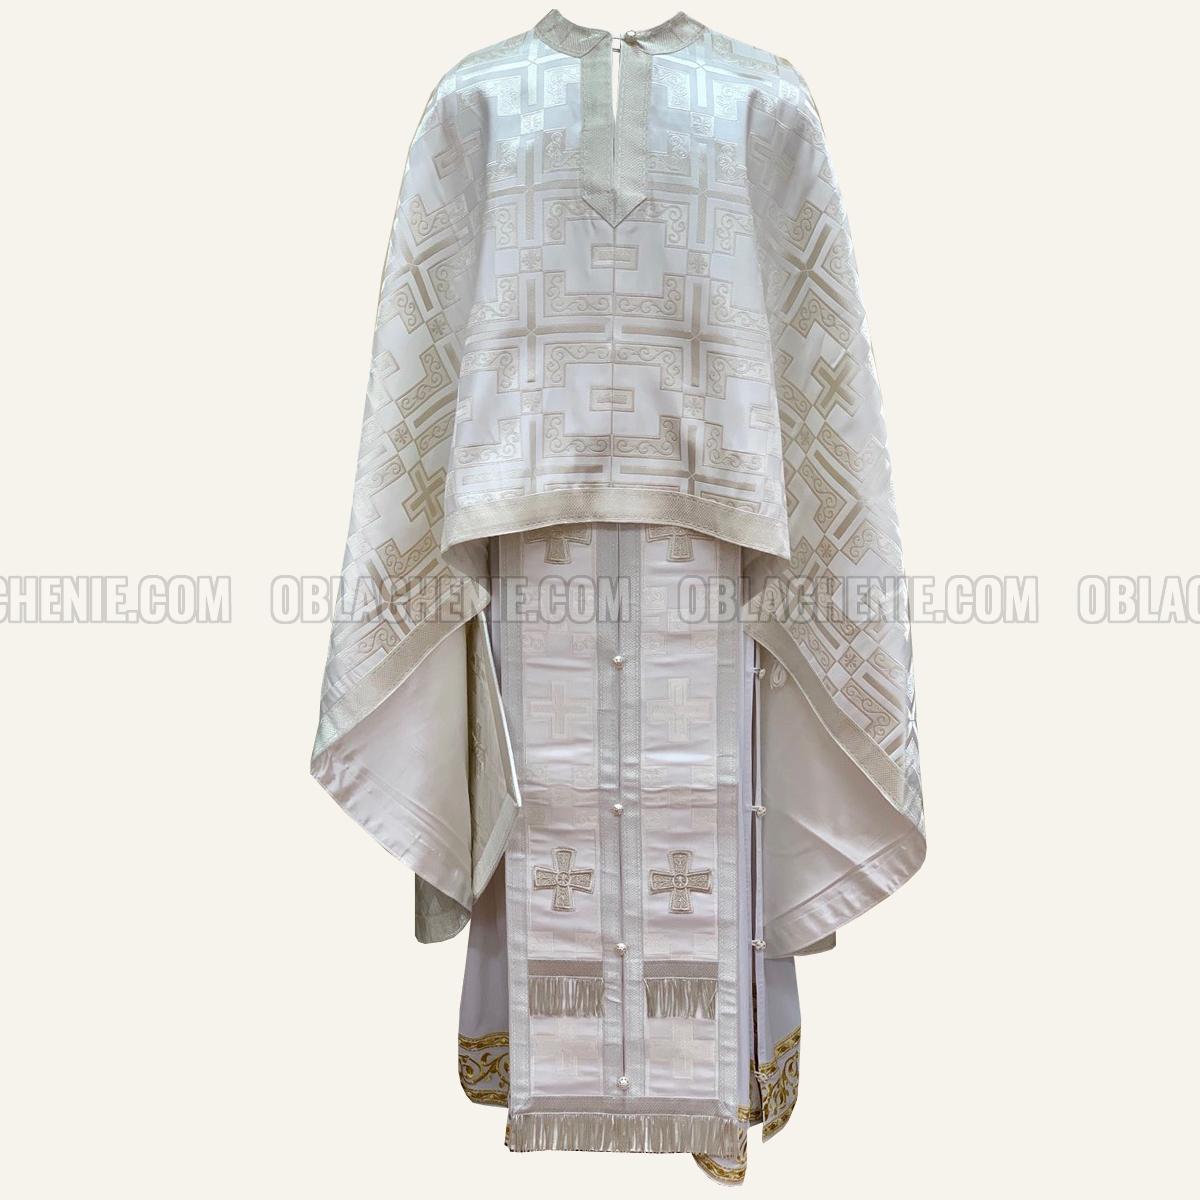 Priest's vestments 10165